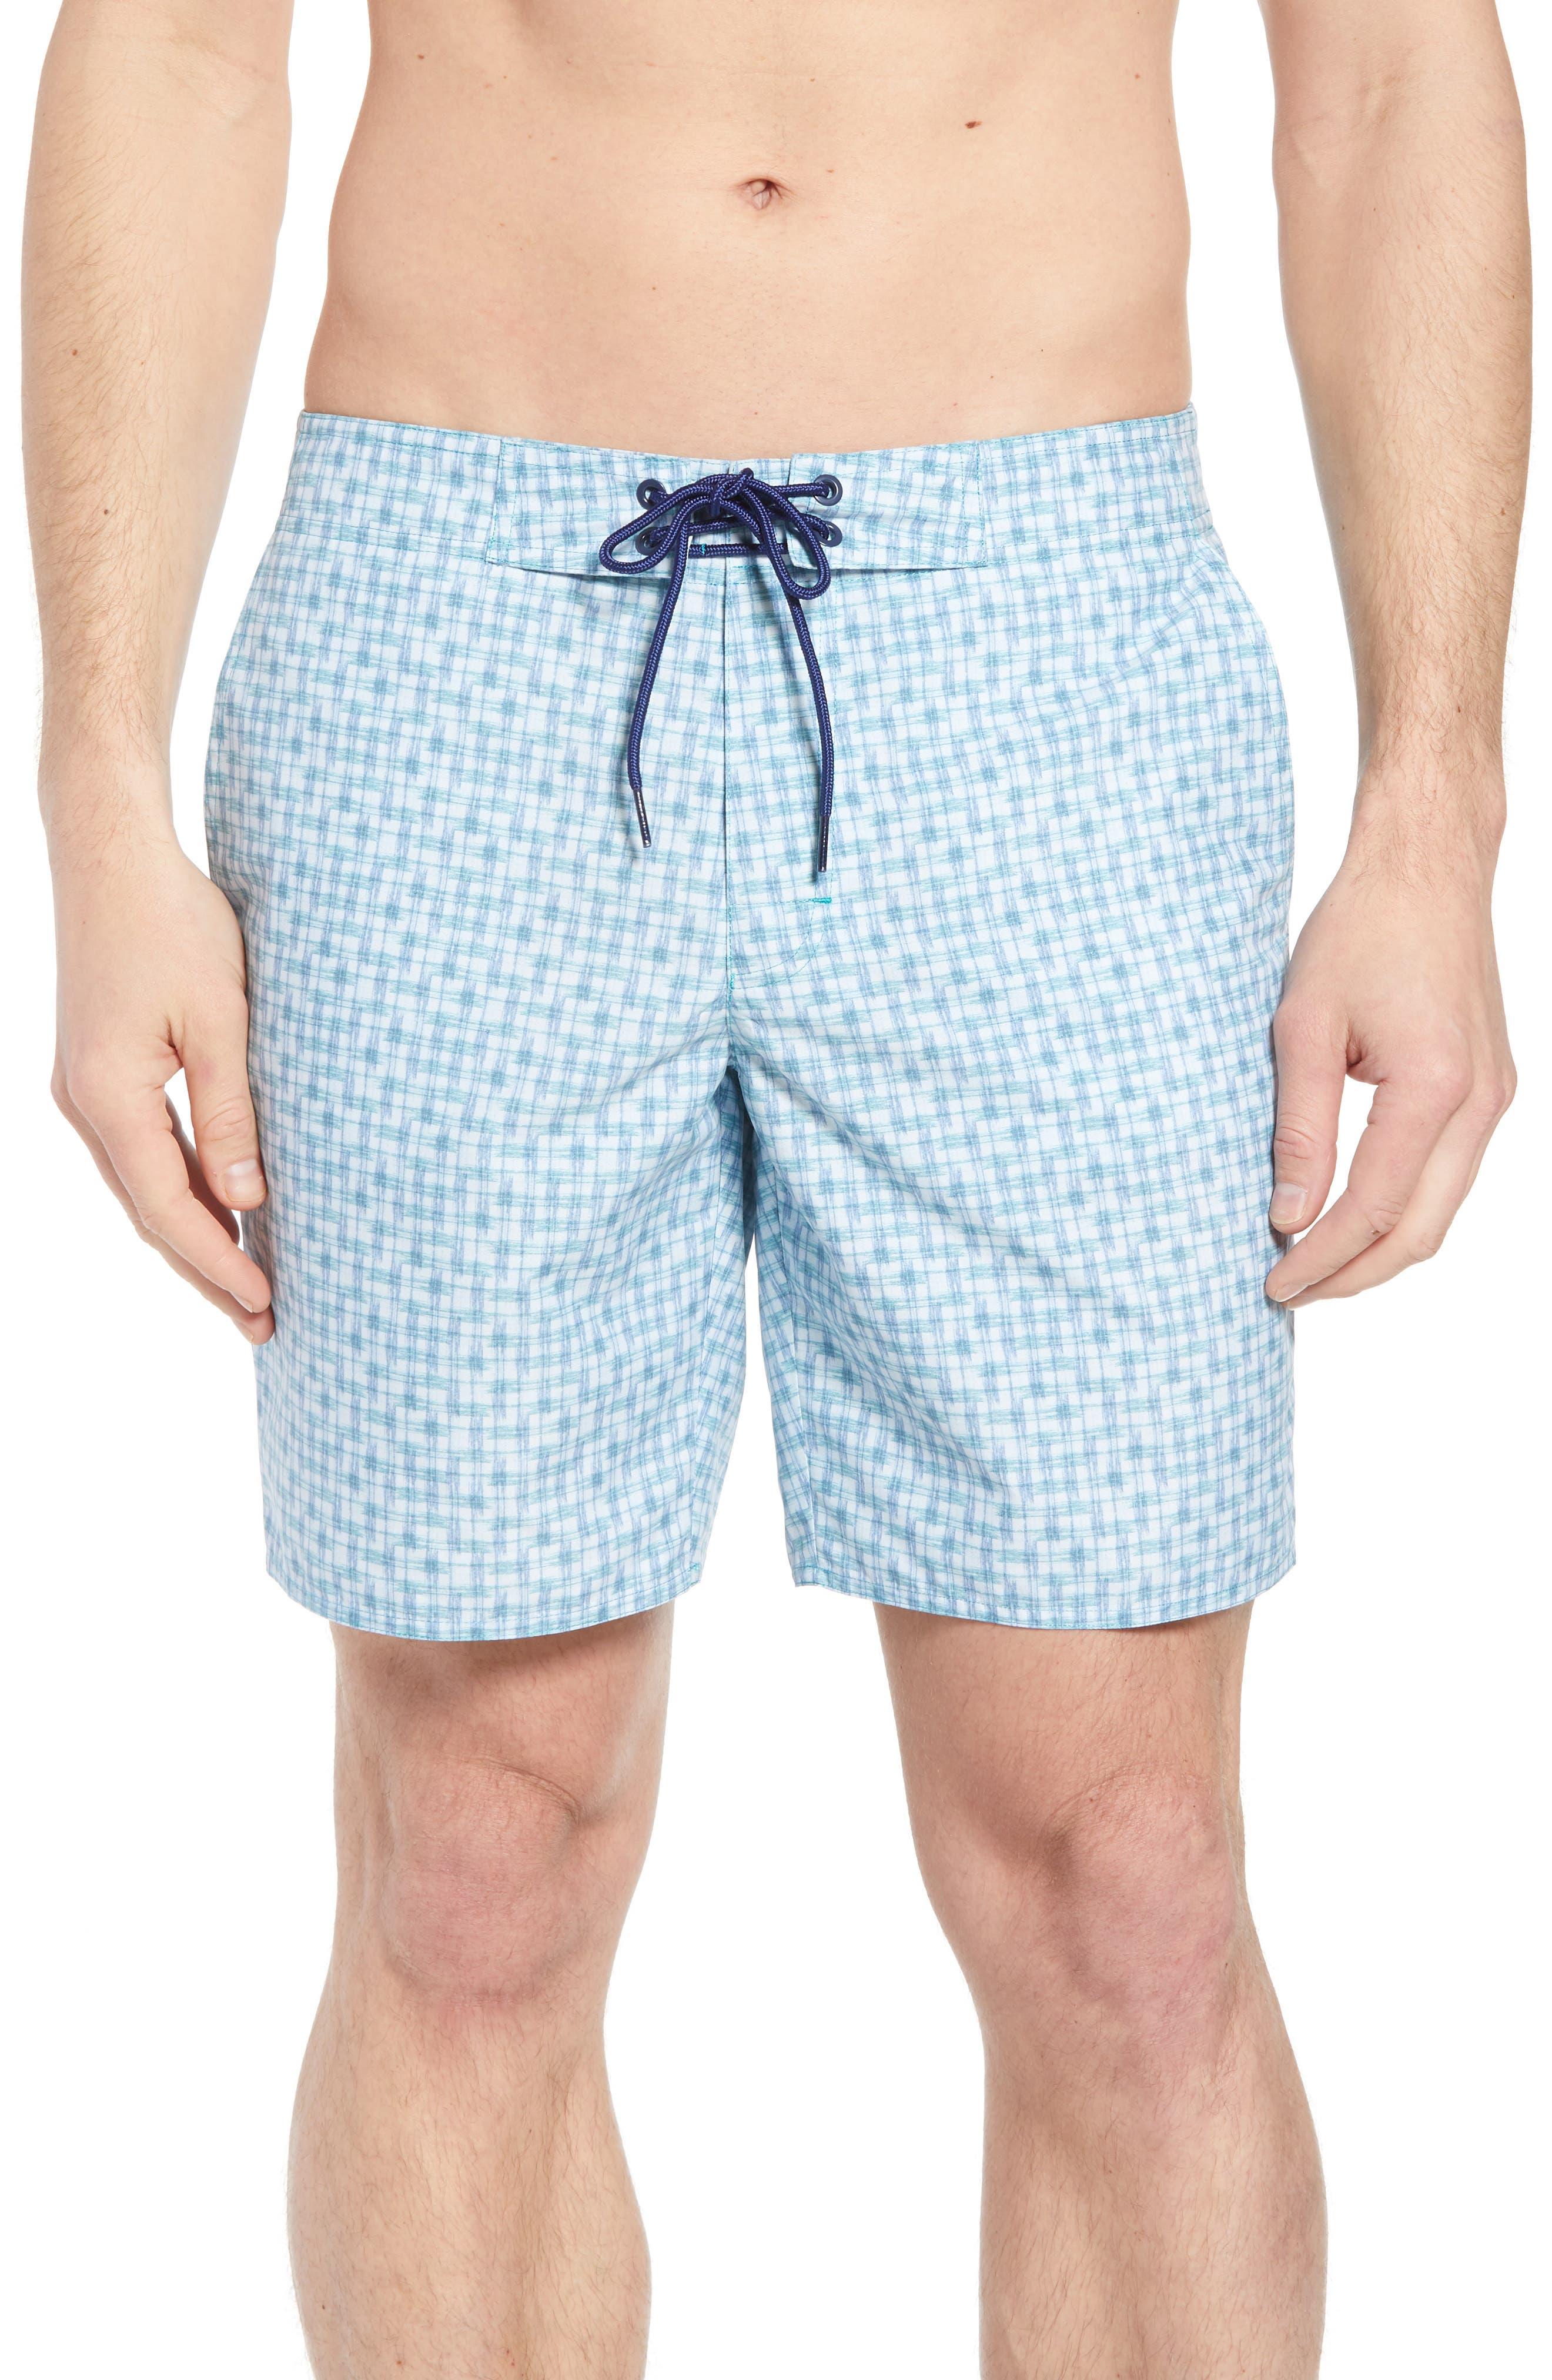 Ashby Swim Trunks,                         Main,                         color, LIGHT BLUE